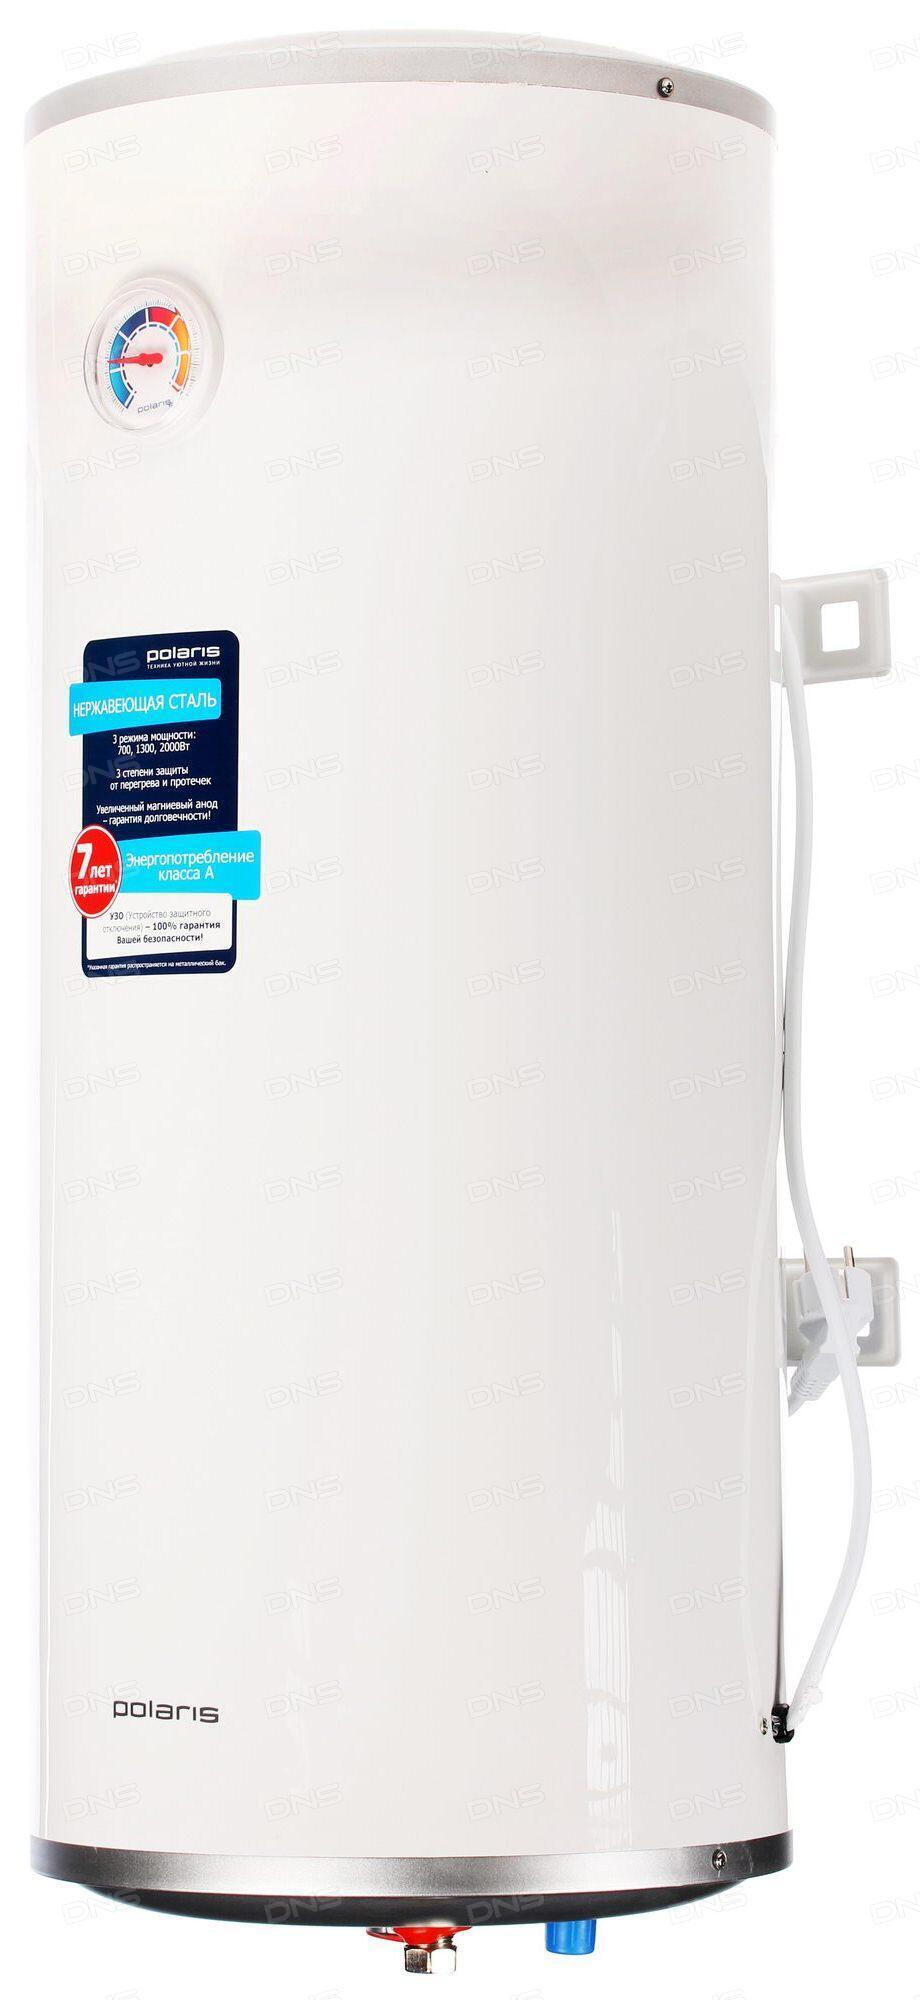 Эл схема водонагревателя поларис